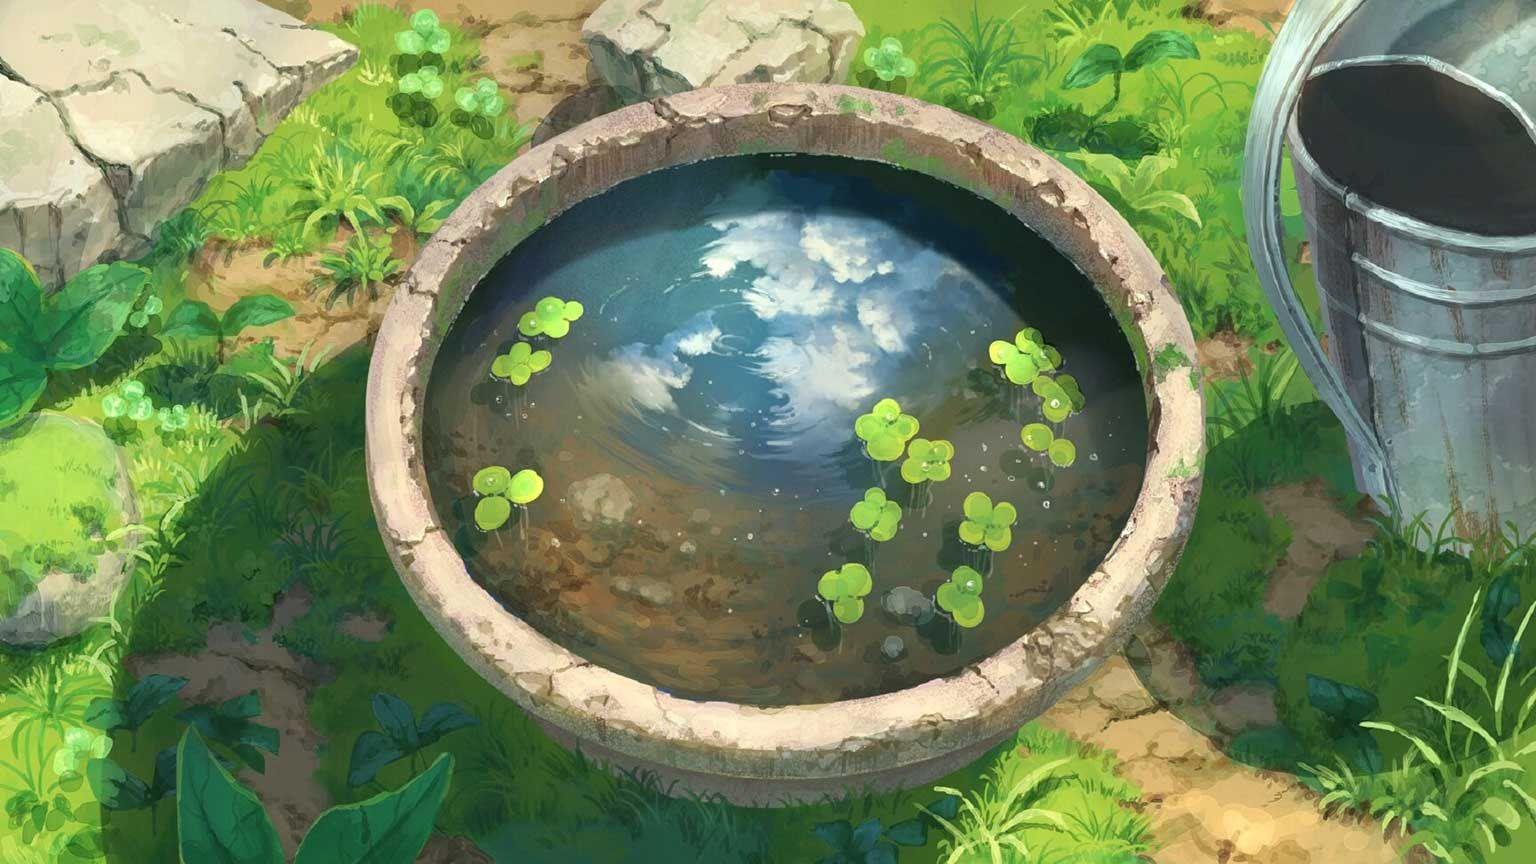 Flowerpot Wallpaper Engine Free Ghibli Art Environmental Art Environment Concept Art